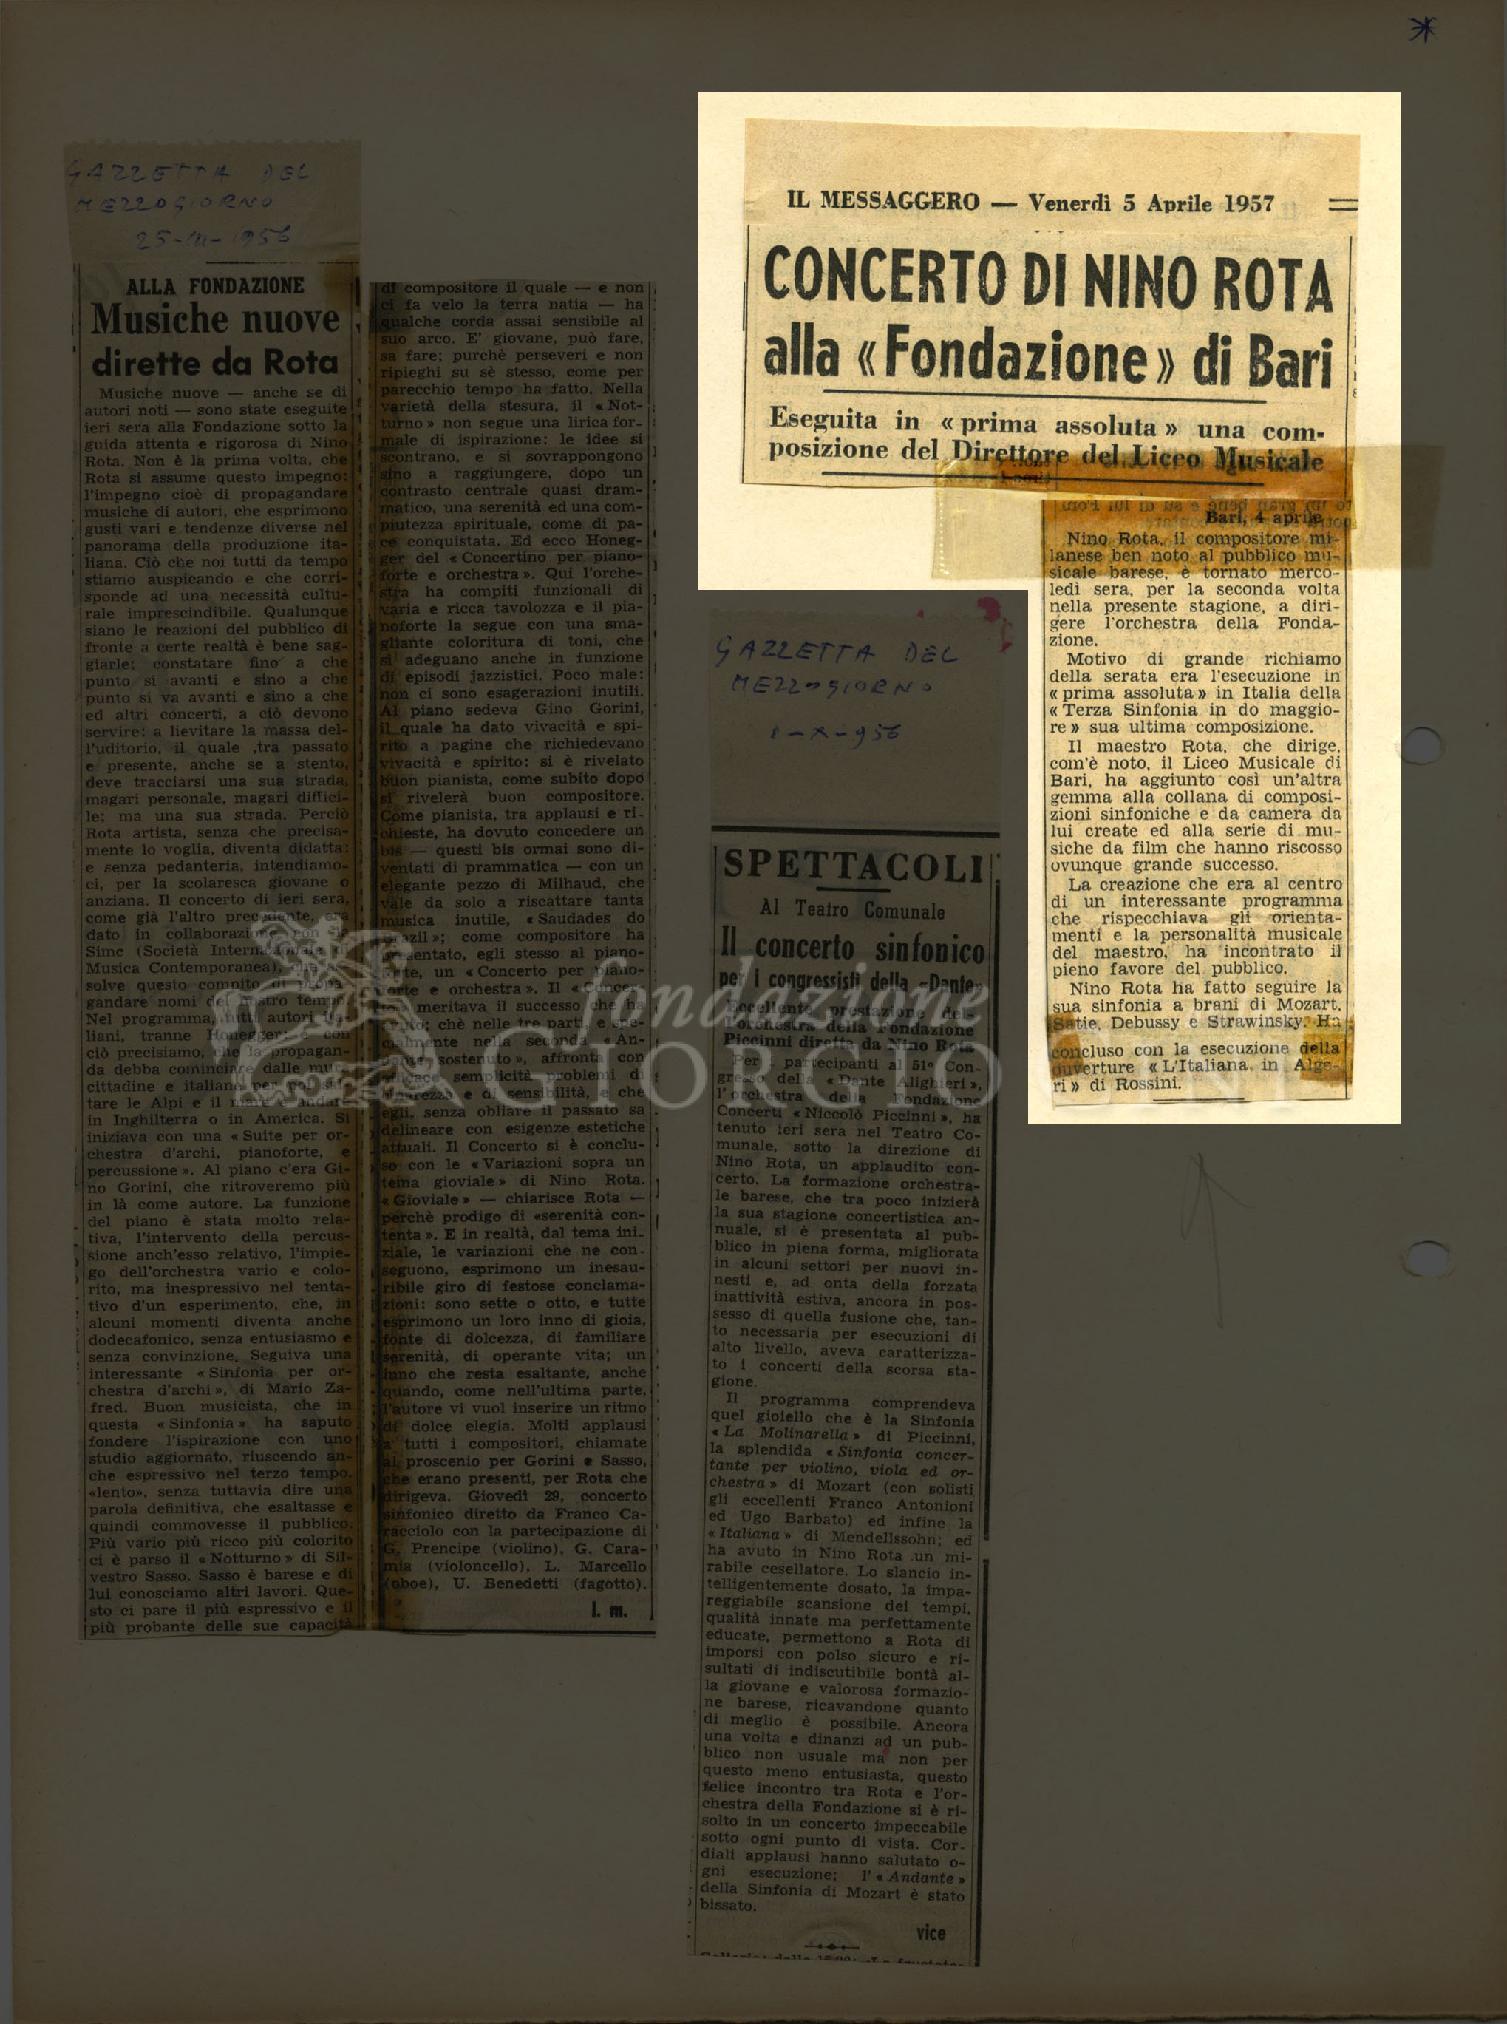 Concerto di Nino Rota alla 'Fondazione' di Bari  05 aprile 1957